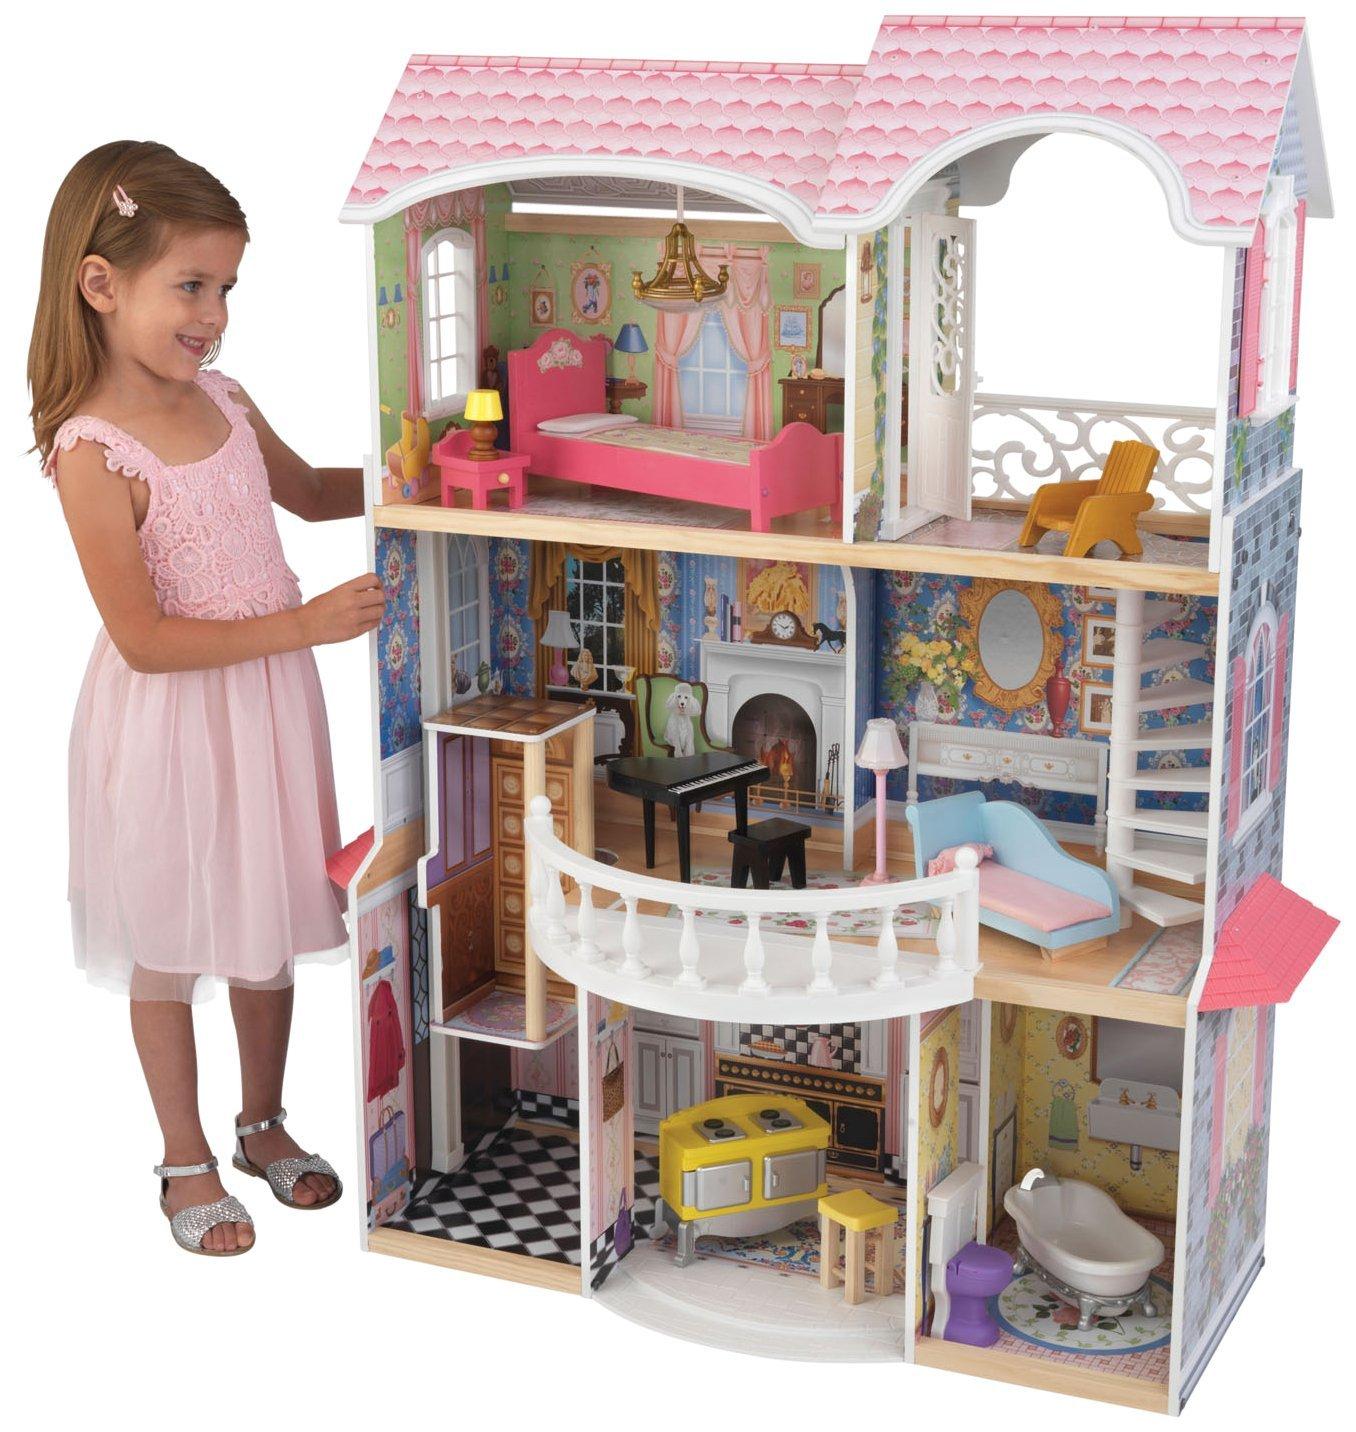 Винтажный кукольный дом для Барби Magnolia – Магнолия, с мебелью, 13 предметовКукольные домики<br>Винтажный кукольный дом для Барби Magnolia – Магнолия, с мебелью, 13 предметов<br>